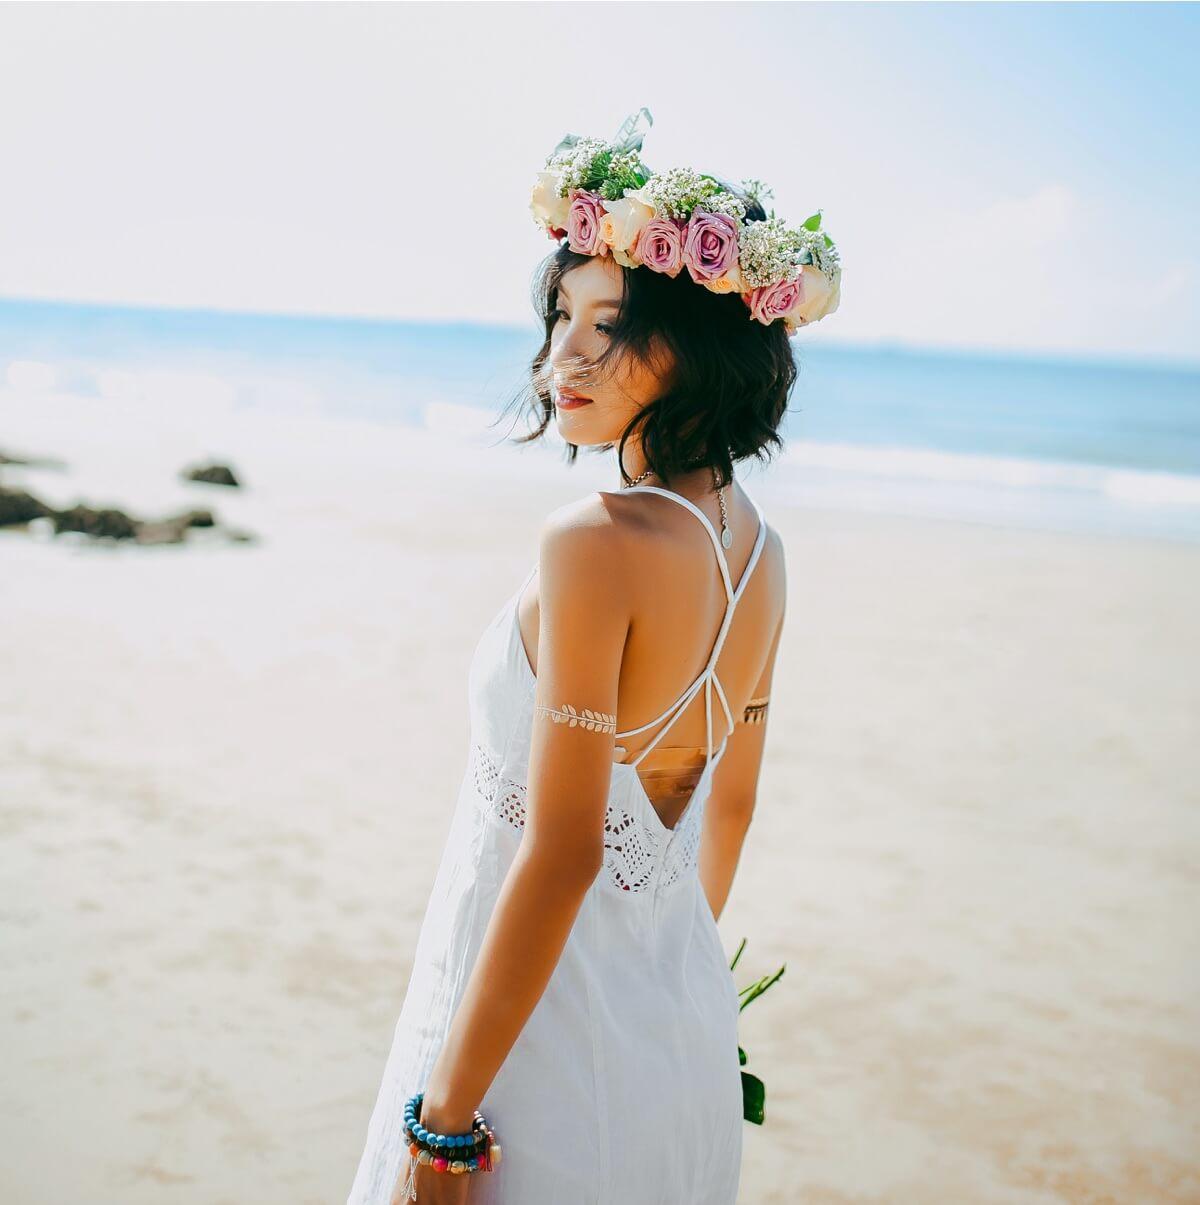 Cómo organizar una boda en la playa: los trajes de los novios